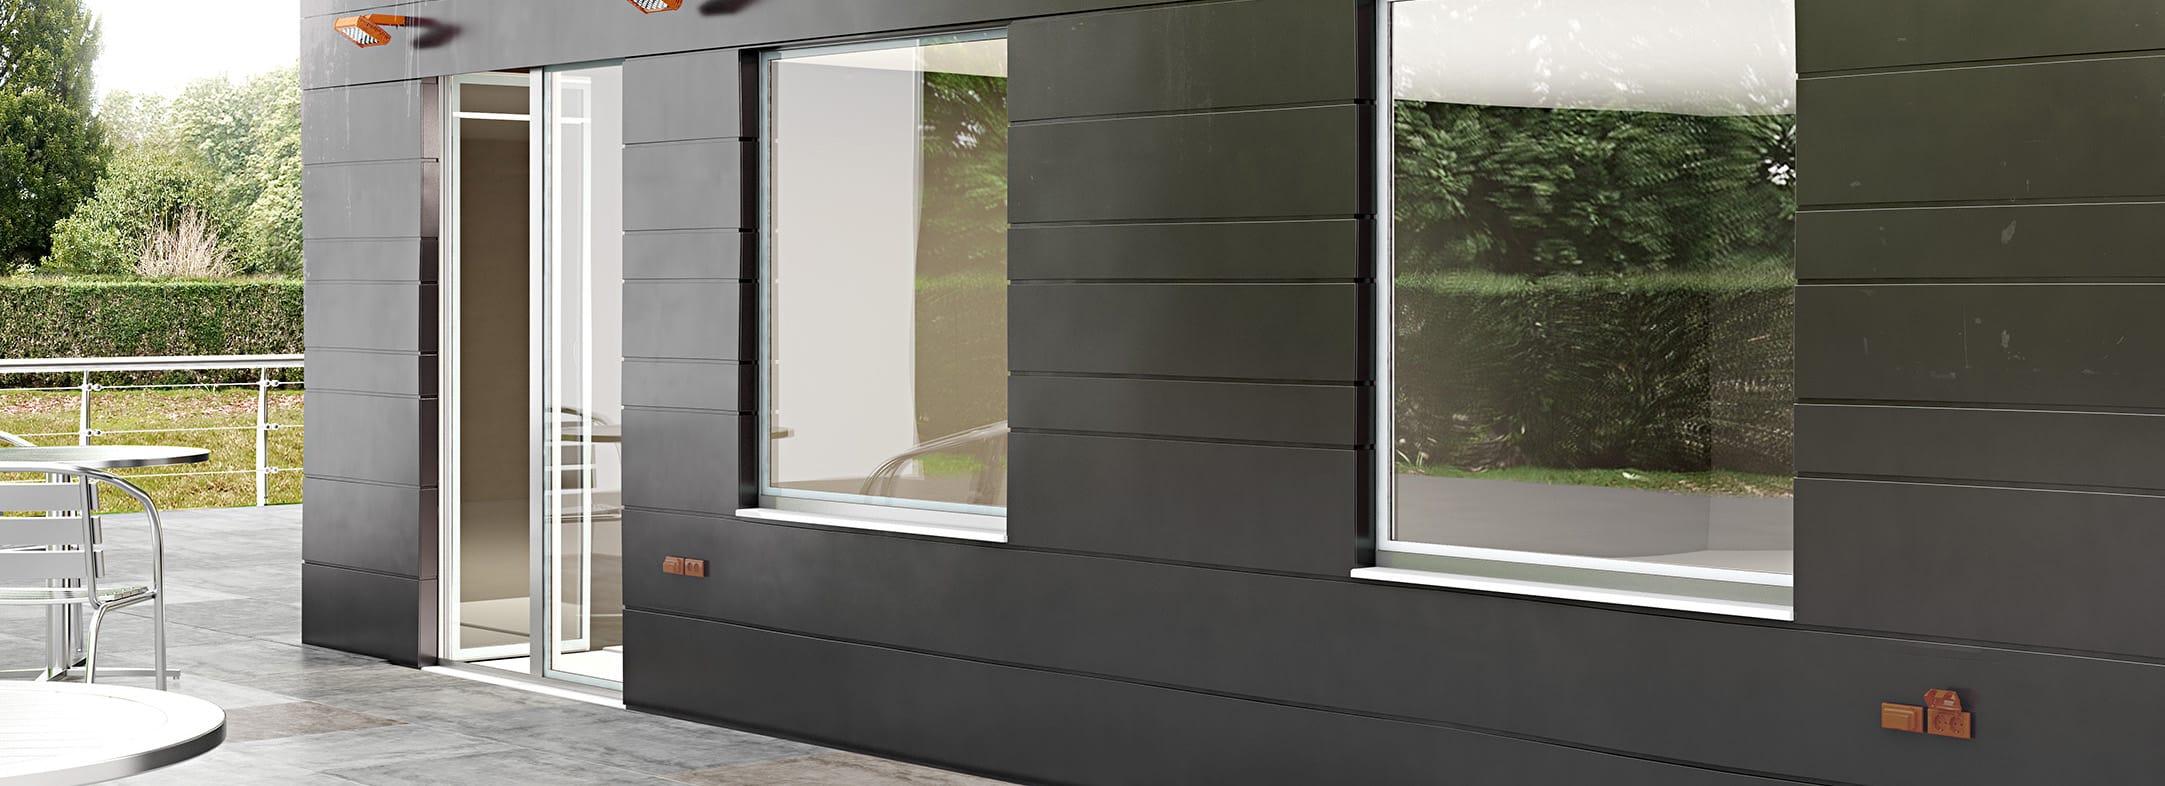 Infissi in pvc legno alluminio porte blindate a vicenza - Porte e finestre vicenza ...